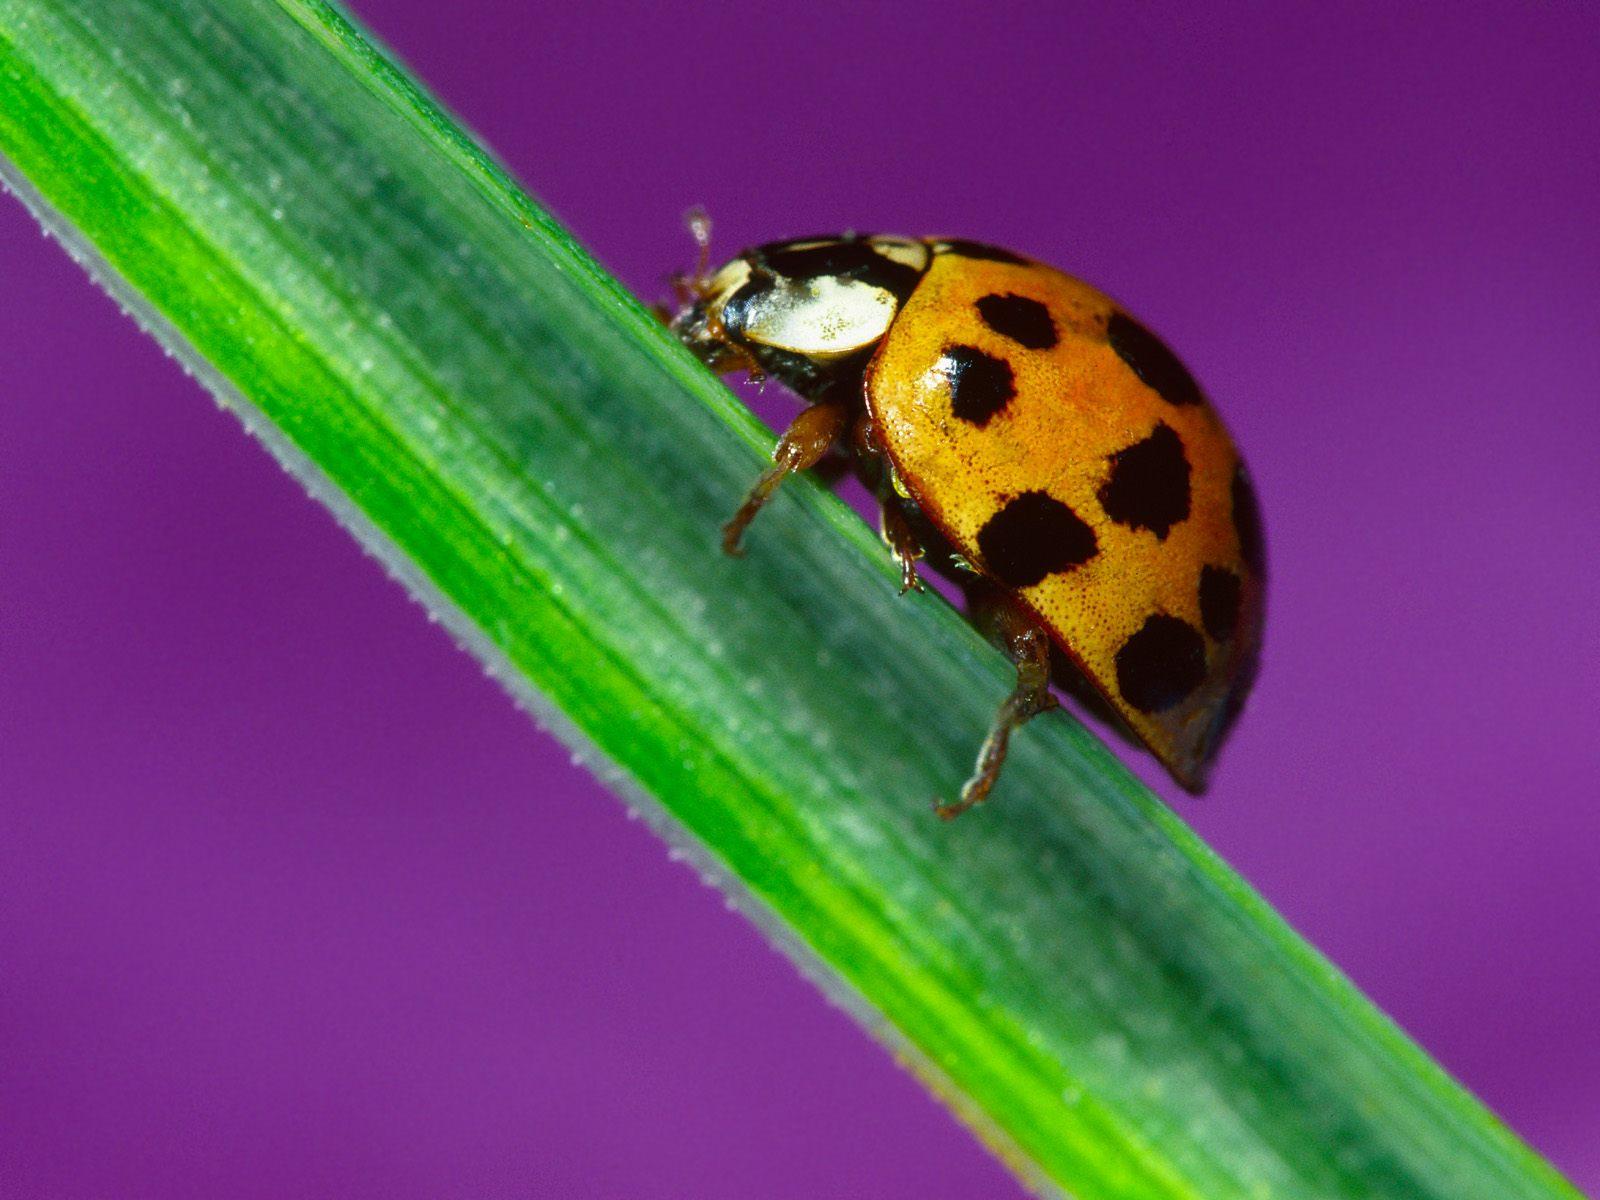 动物写真-昆虫-设计欣赏-素材中国-online.sccnn.com